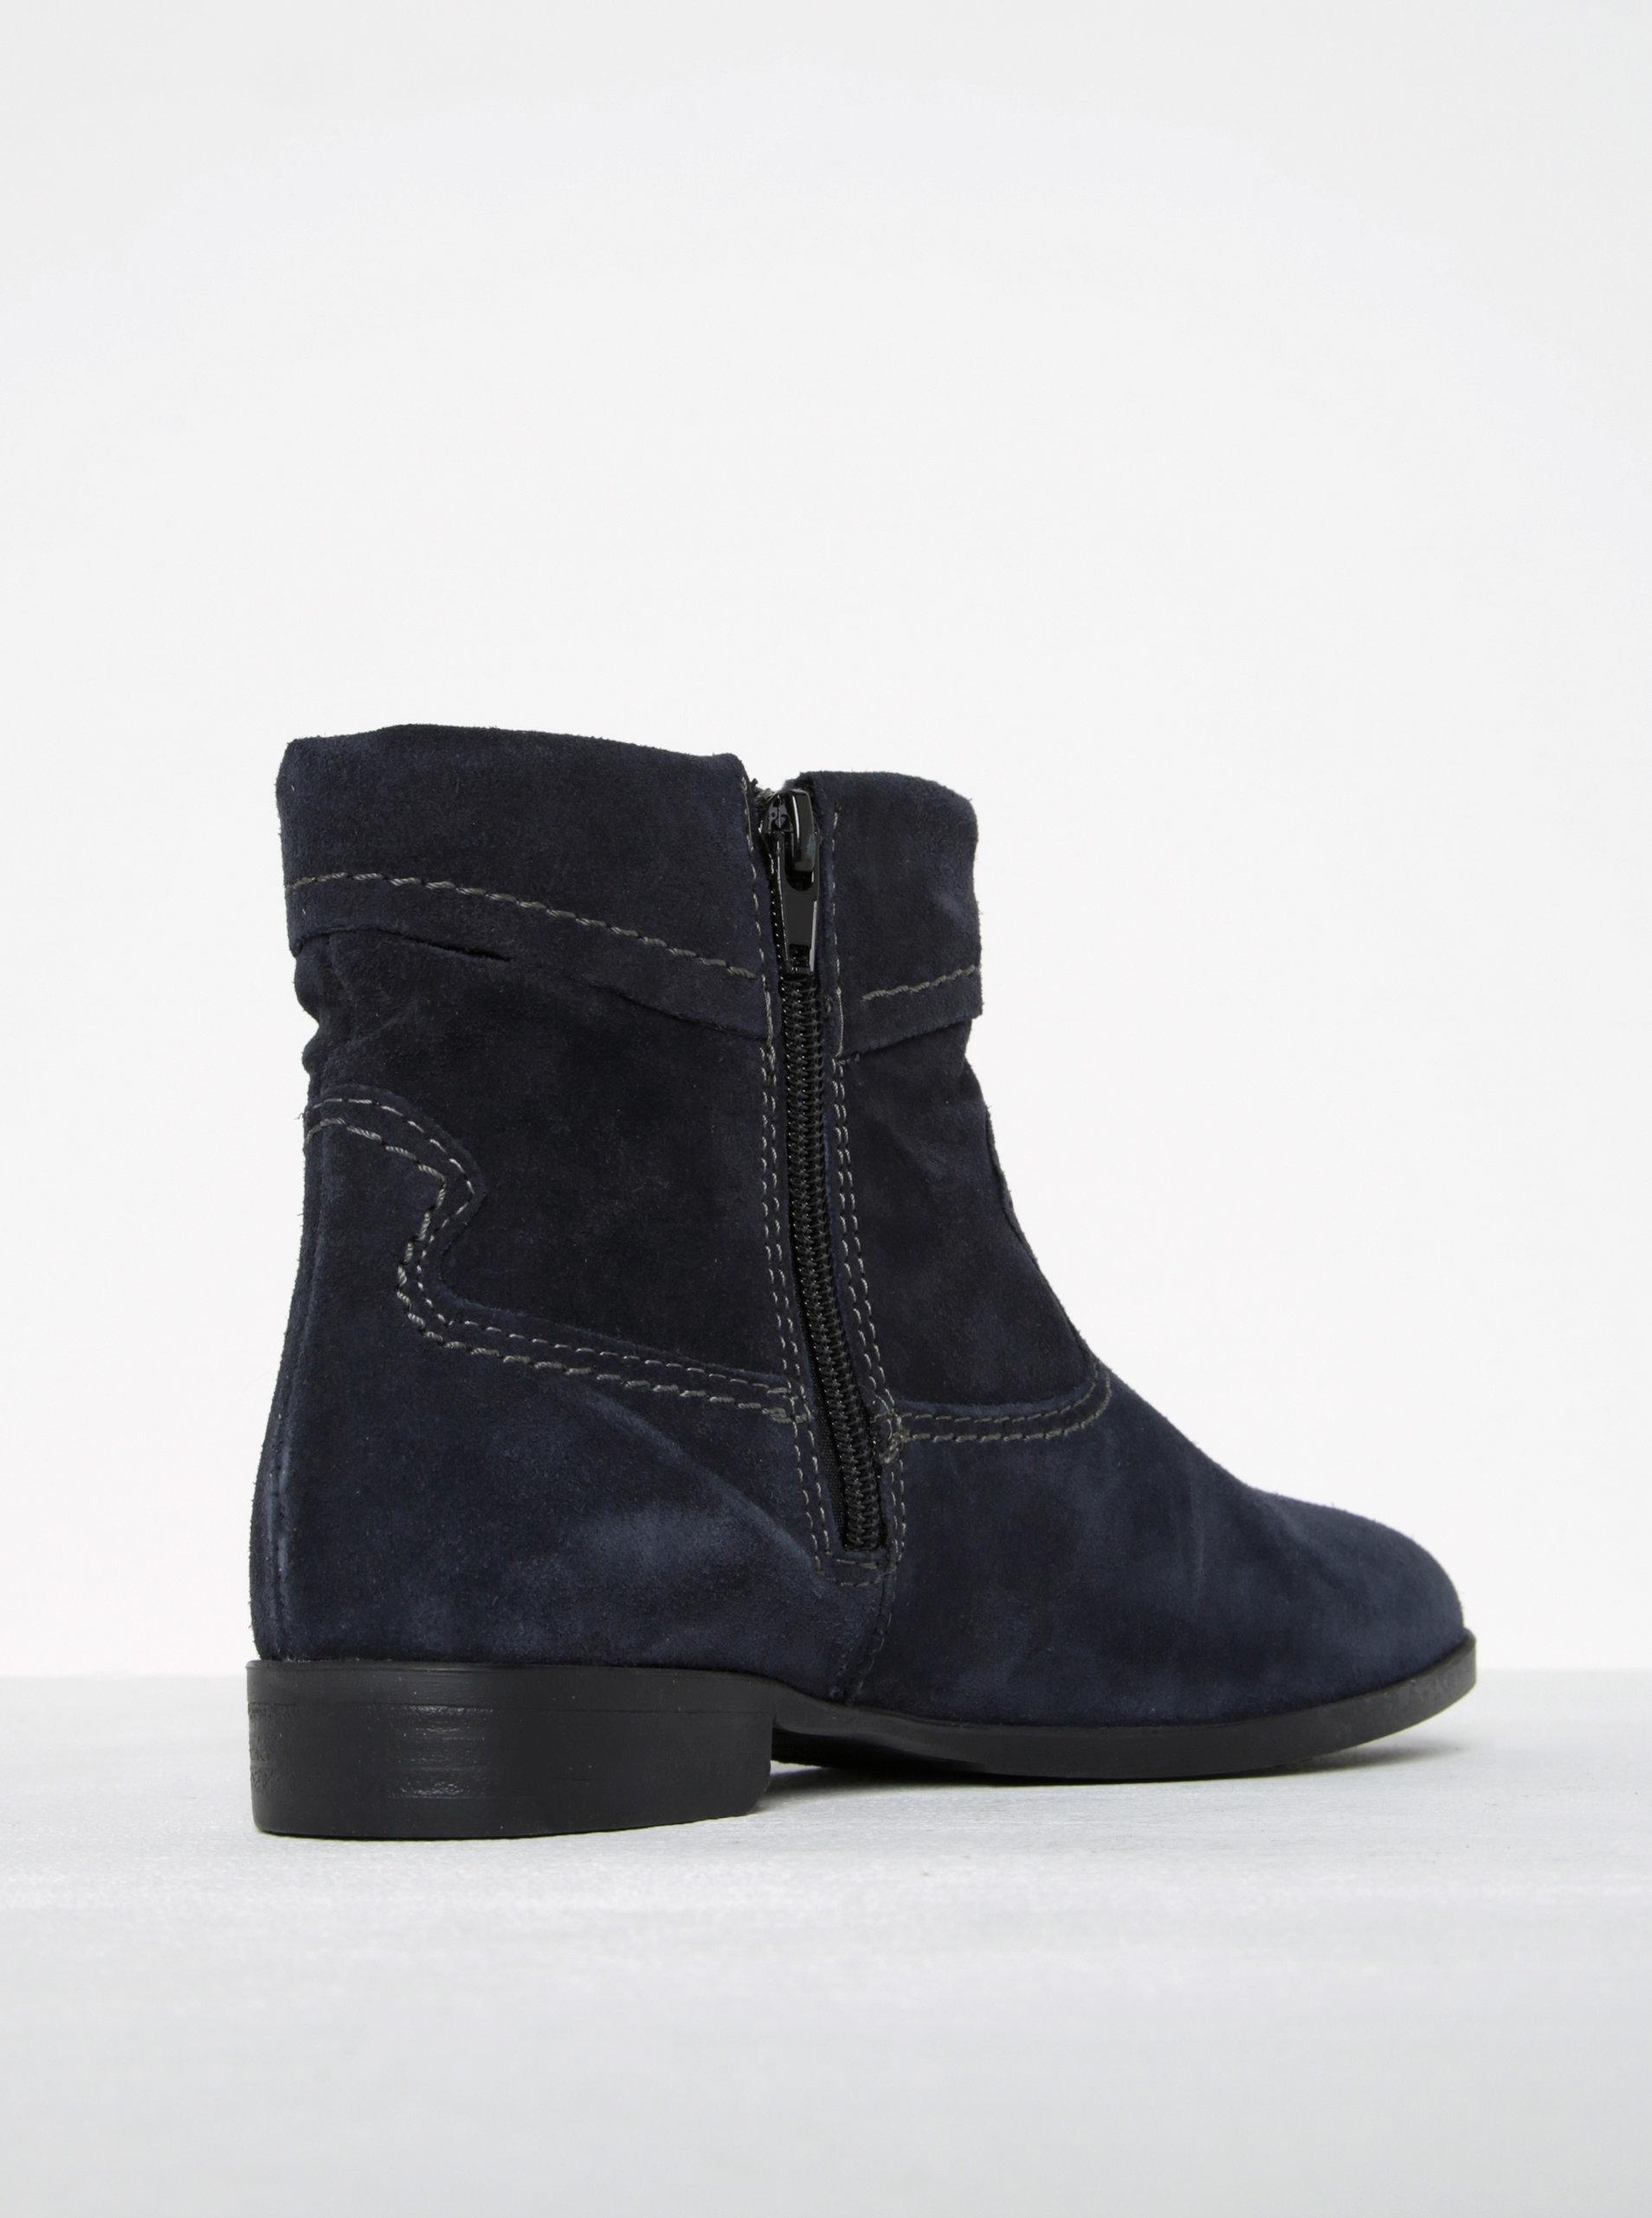 Tmavě modré semišové kotníkové boty s prošívanými detaily Tamaris ... 503697fe5d